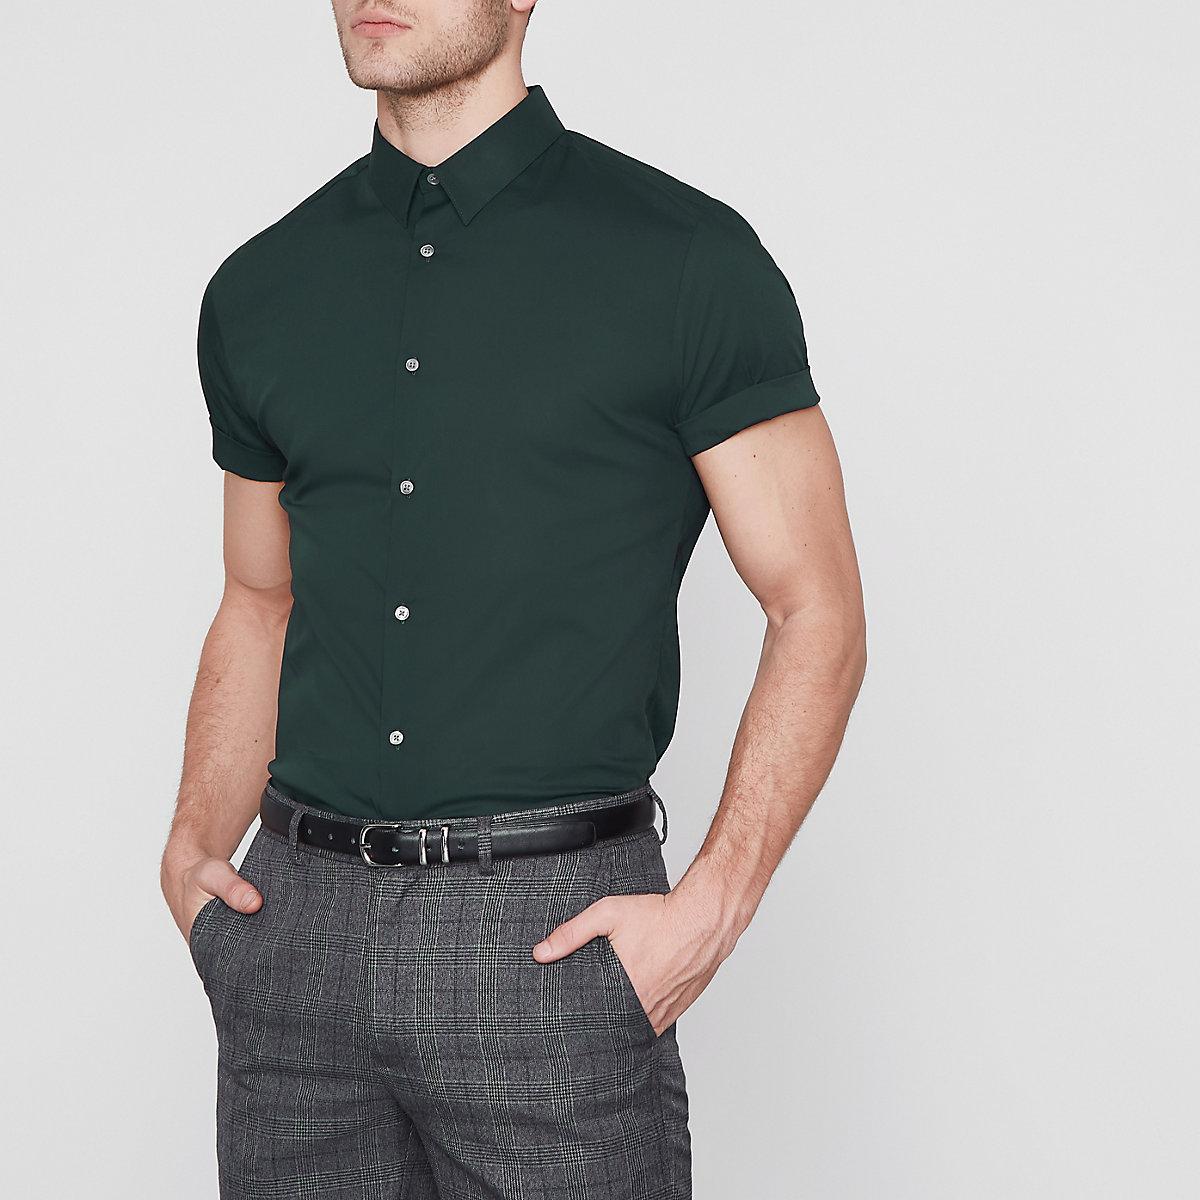 Dark green muscle fit short sleeve shirt